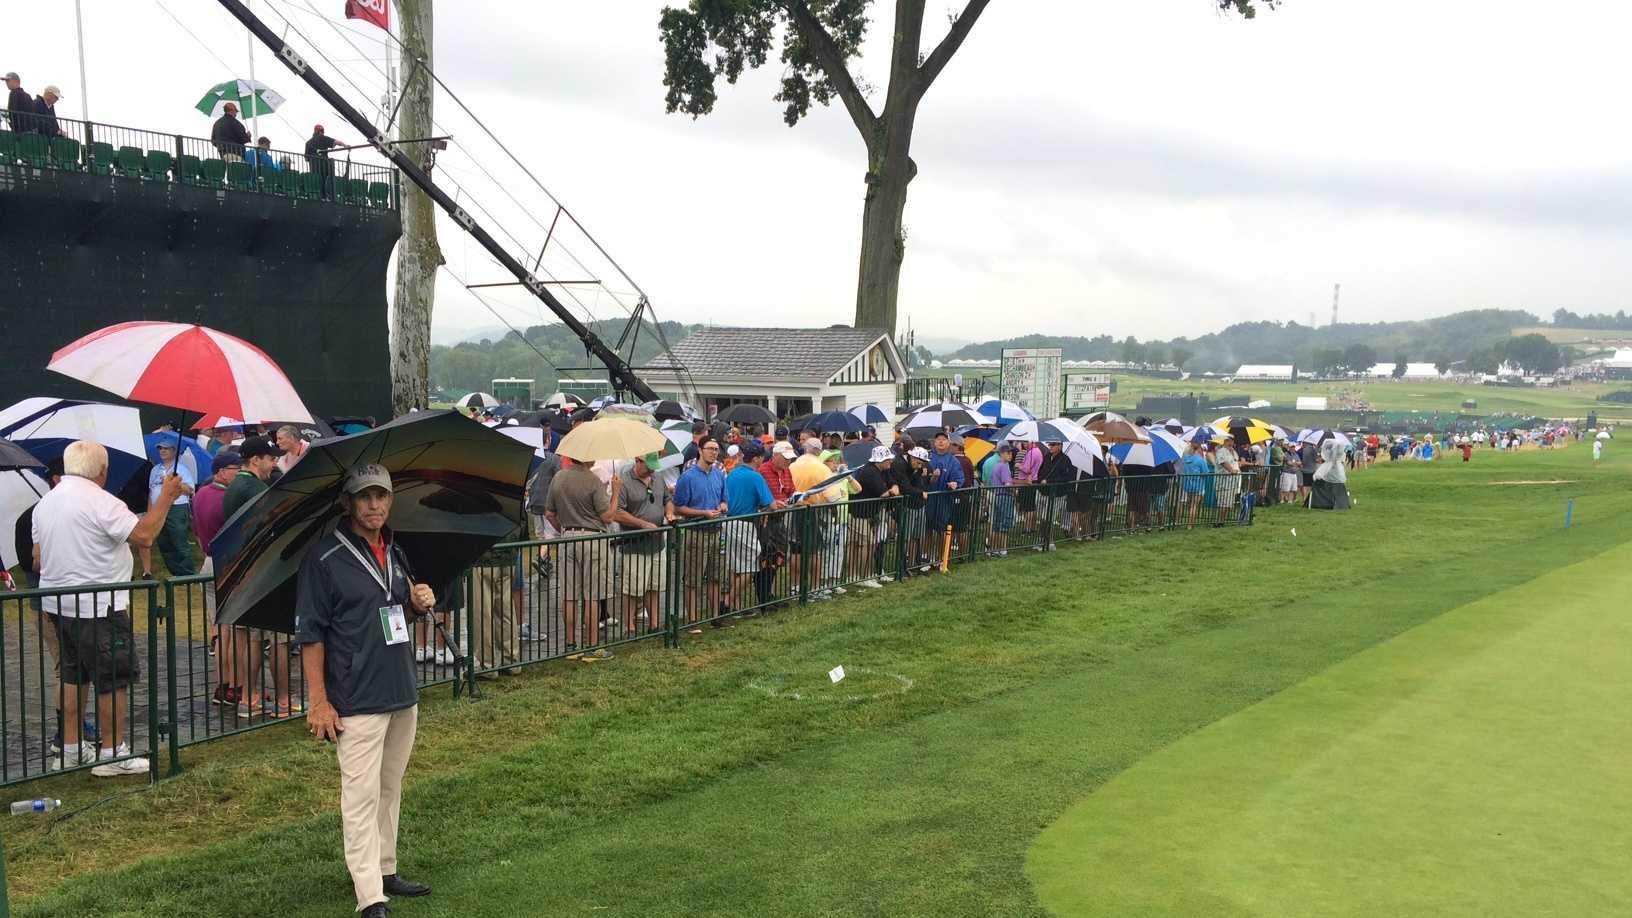 Wet fans, U.S. Open, rain delay